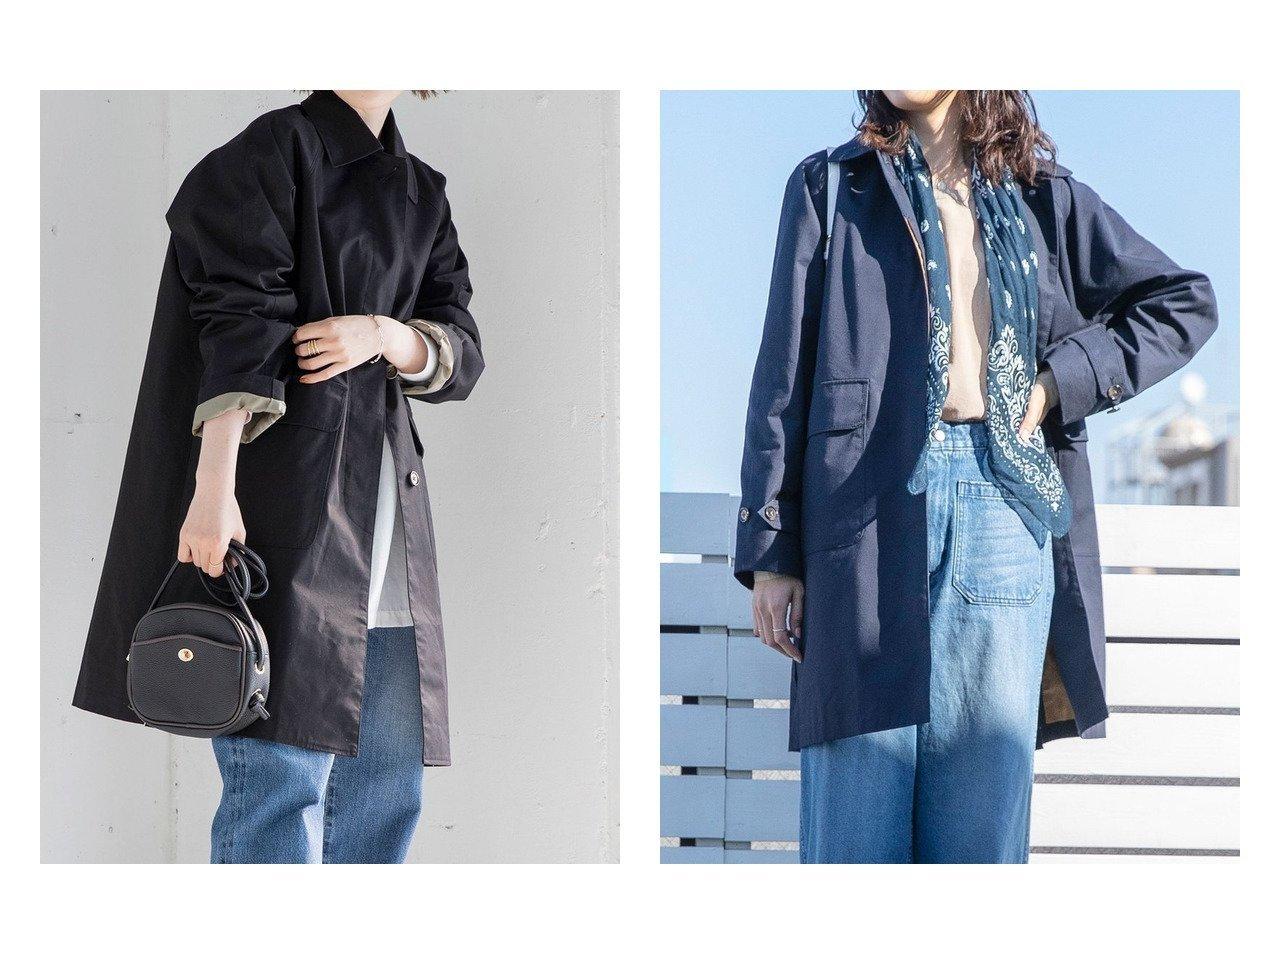 【COEN/コーエン】のサイドスリットステンカラーコート#(春アウター/スプリングコート) 【アウター】おすすめ!人気、トレンド・レディースファッションの通販    レディースファッション・服の通販 founy(ファニー)